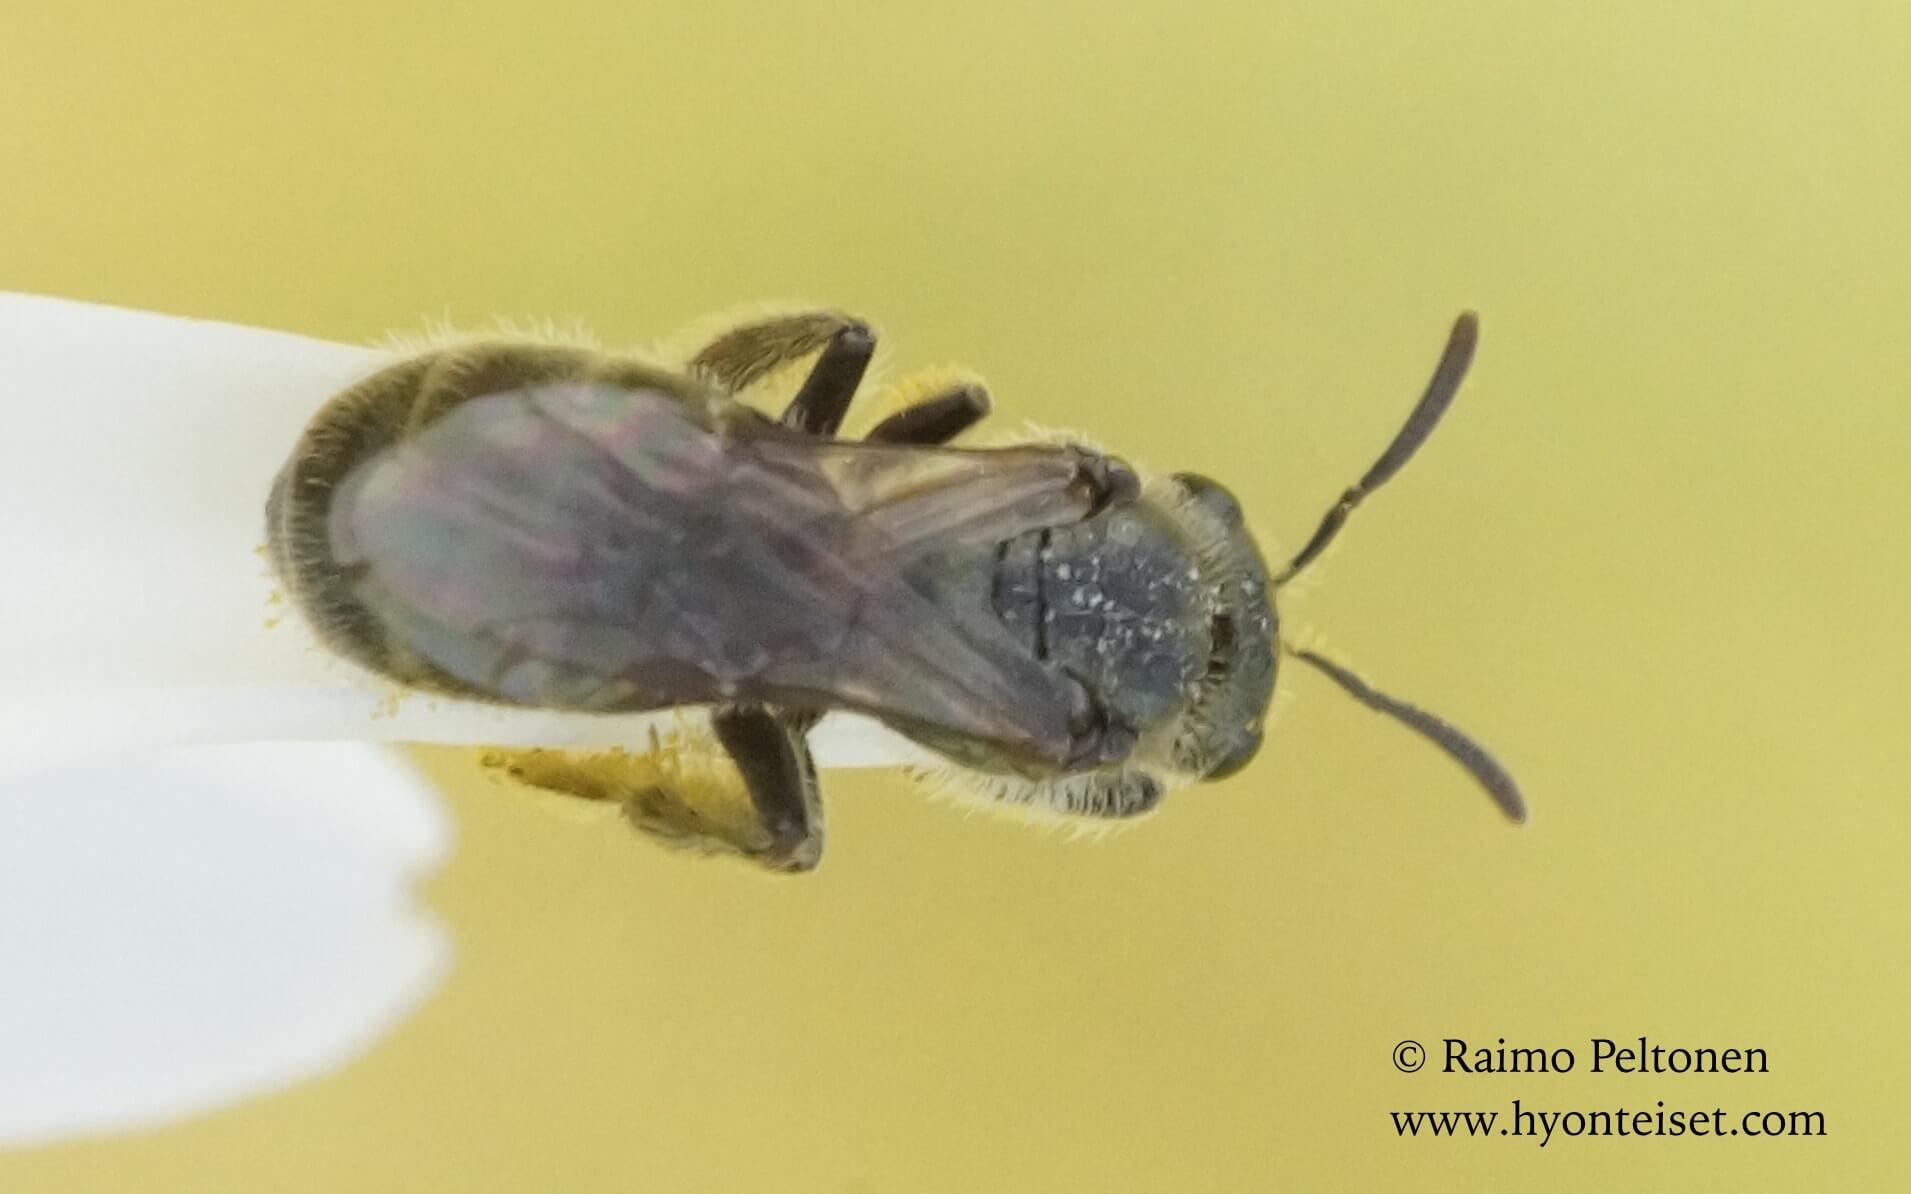 Lasiglossum leucopus-hietavihermehiläinen (det. Juho Paukkunen)